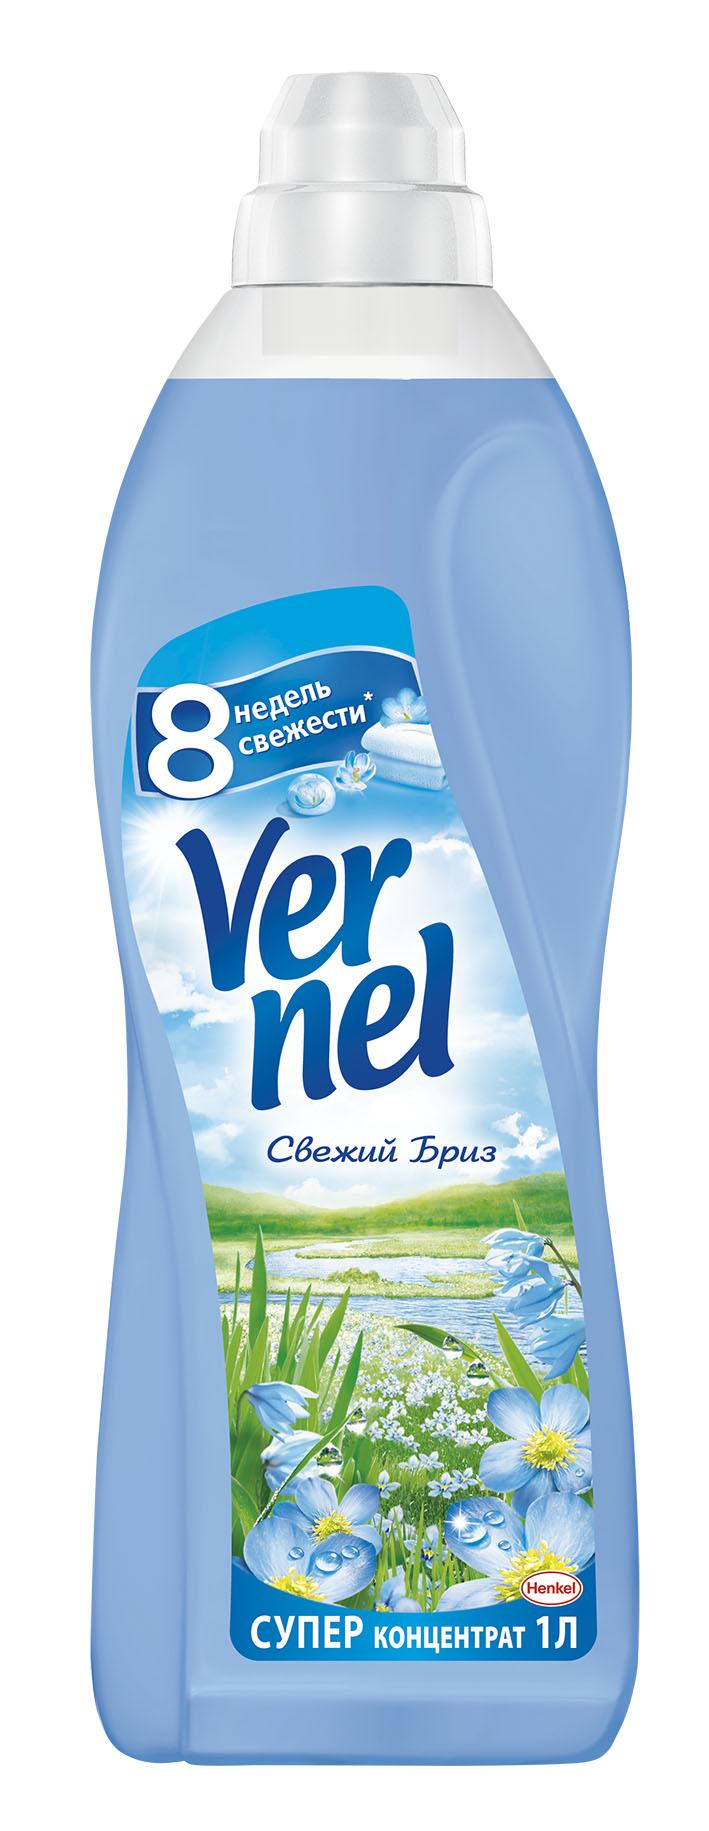 Кондиционер для белья Vernel Свежий Бриз 1л790009С новой Классической линейкой Vernel свежесть белья длится до 8 недель. Новая формула Vernel обогащена аромакапсулами, которые обеспечивают длительную свежесть. Более того, кондиционеры для белья Vernel придают белью невероятную мягкость, такую же приятную, как и ее запах.Свойства кондиционера для белья Vernel:1. Придает мягкость2. Придает приятный аромат3. Обладает антистатическим эффектом4. Облегчает глажениеДо 8 недель свежести при условии хранения белья без использования благодаря аромакапсуламСостав: Состав: 5-15% катионные ПАВ; Товар сертифицирован.